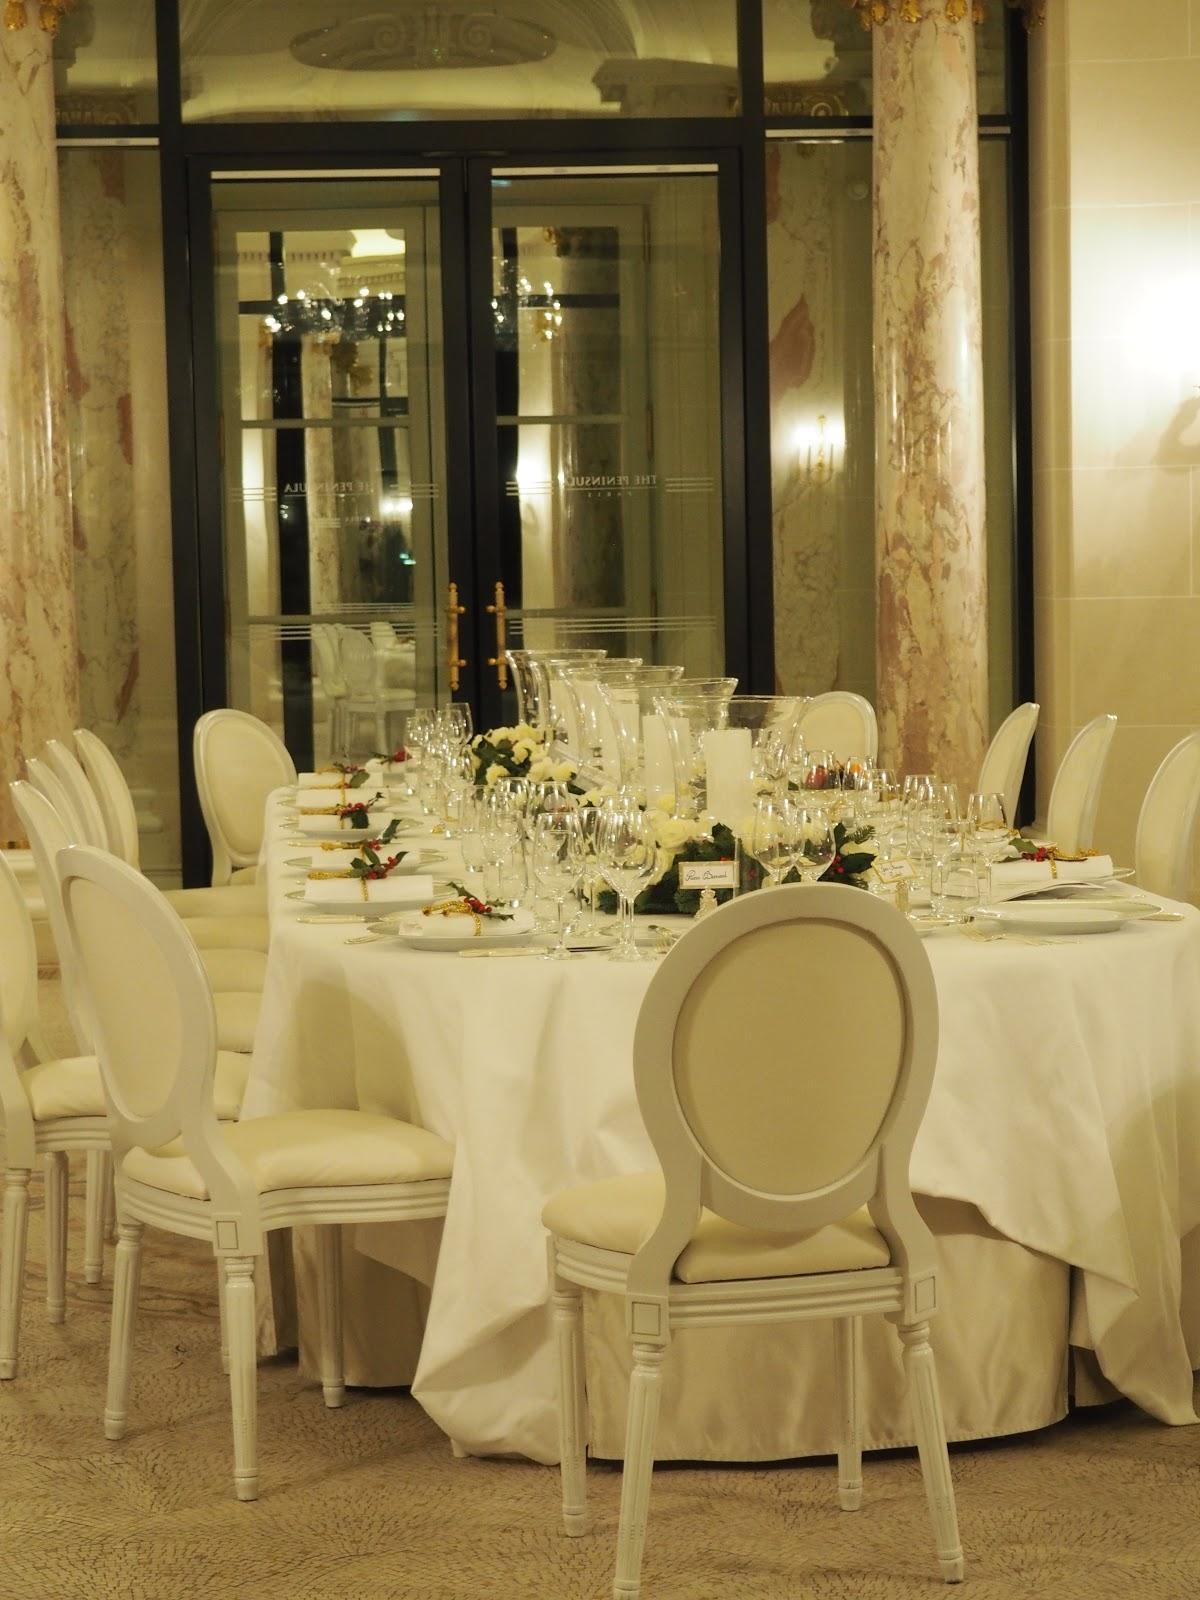 Peninsula Hotel, Paris, Private dining room